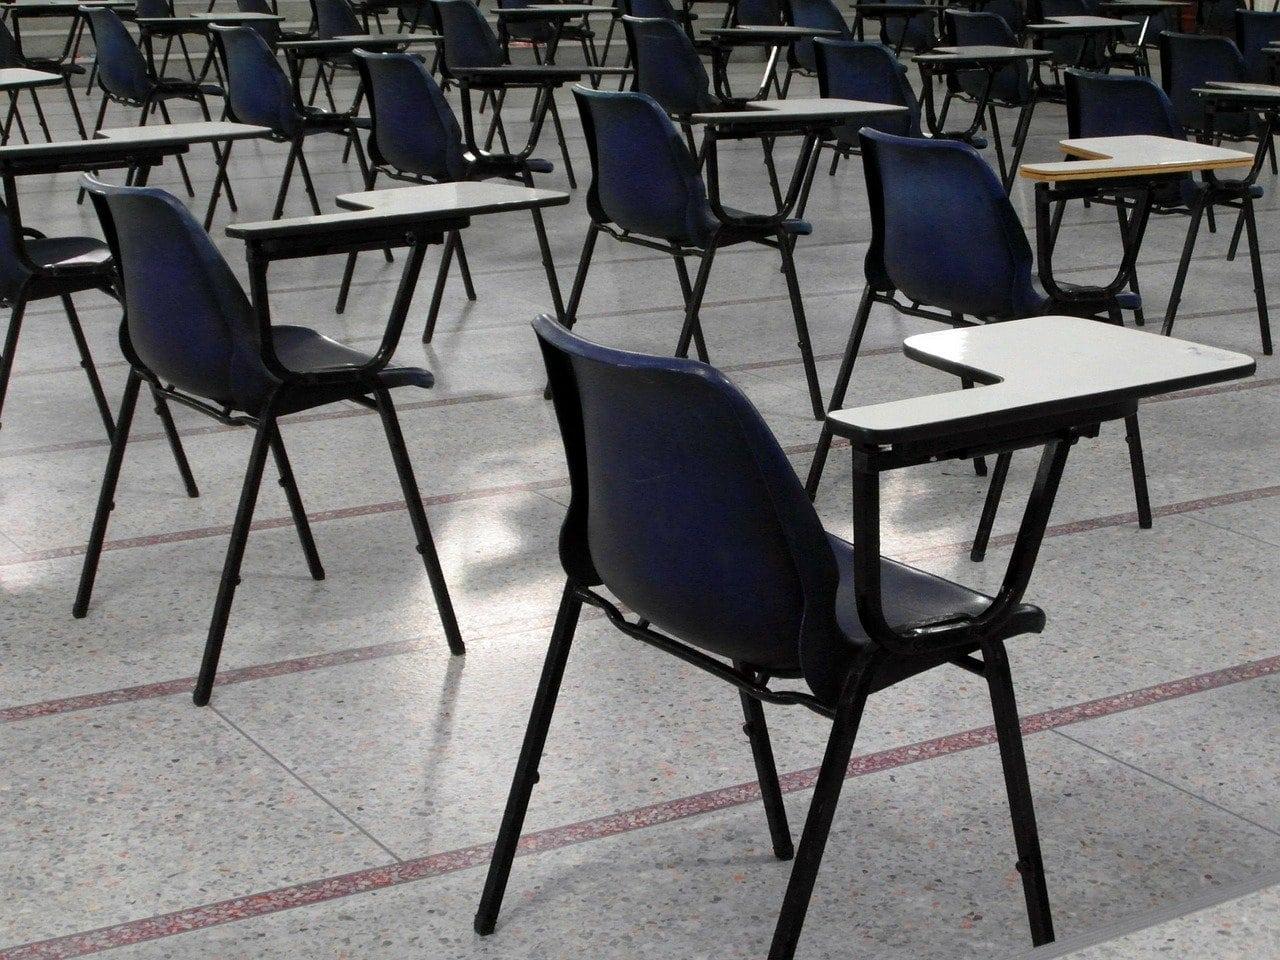 Viel Erfolg beim Deutsch-Abi! Schriftliche Abiturprüfungen für 35.000 Schülerinnen und Schüler